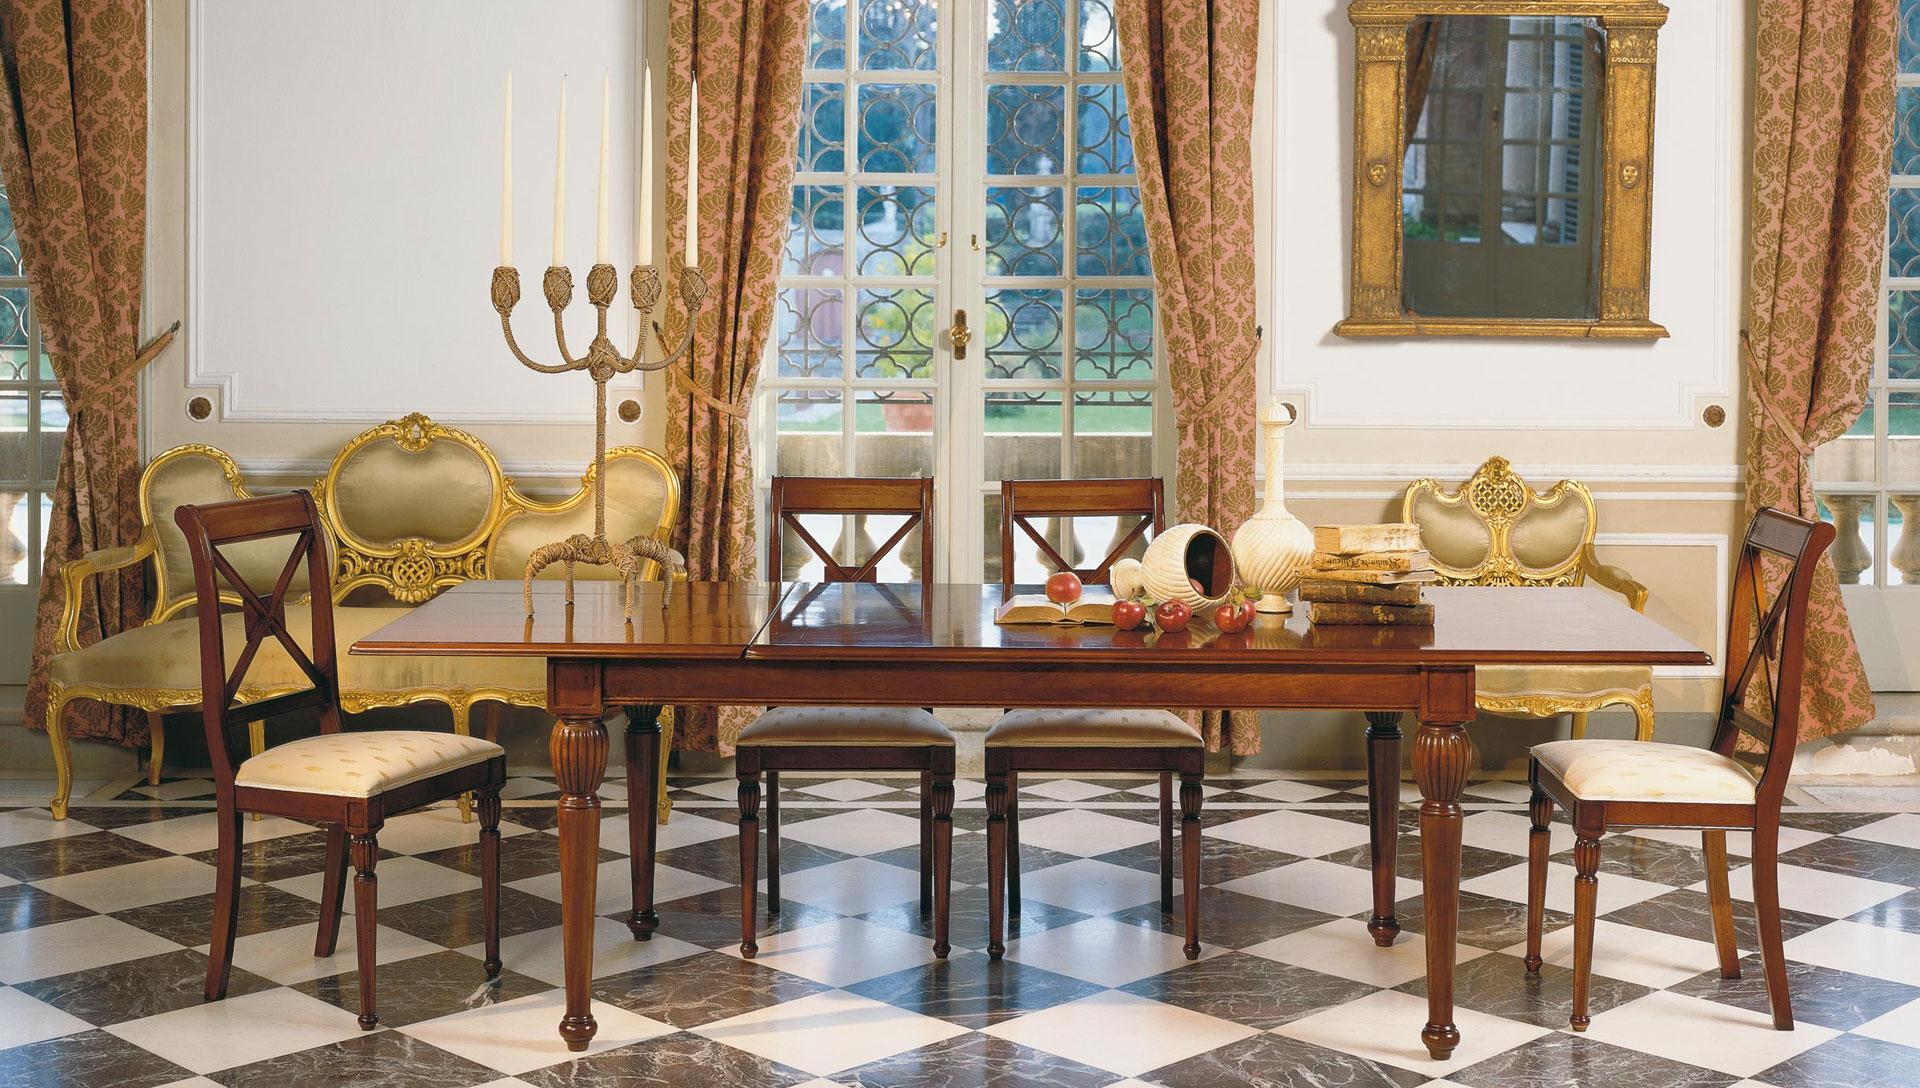 zona-giorno-stilema-design-comodus-arredamenti-nicoletti-interni-interior-design-divani-complementi-arredo-mobili-design-accessori-matera